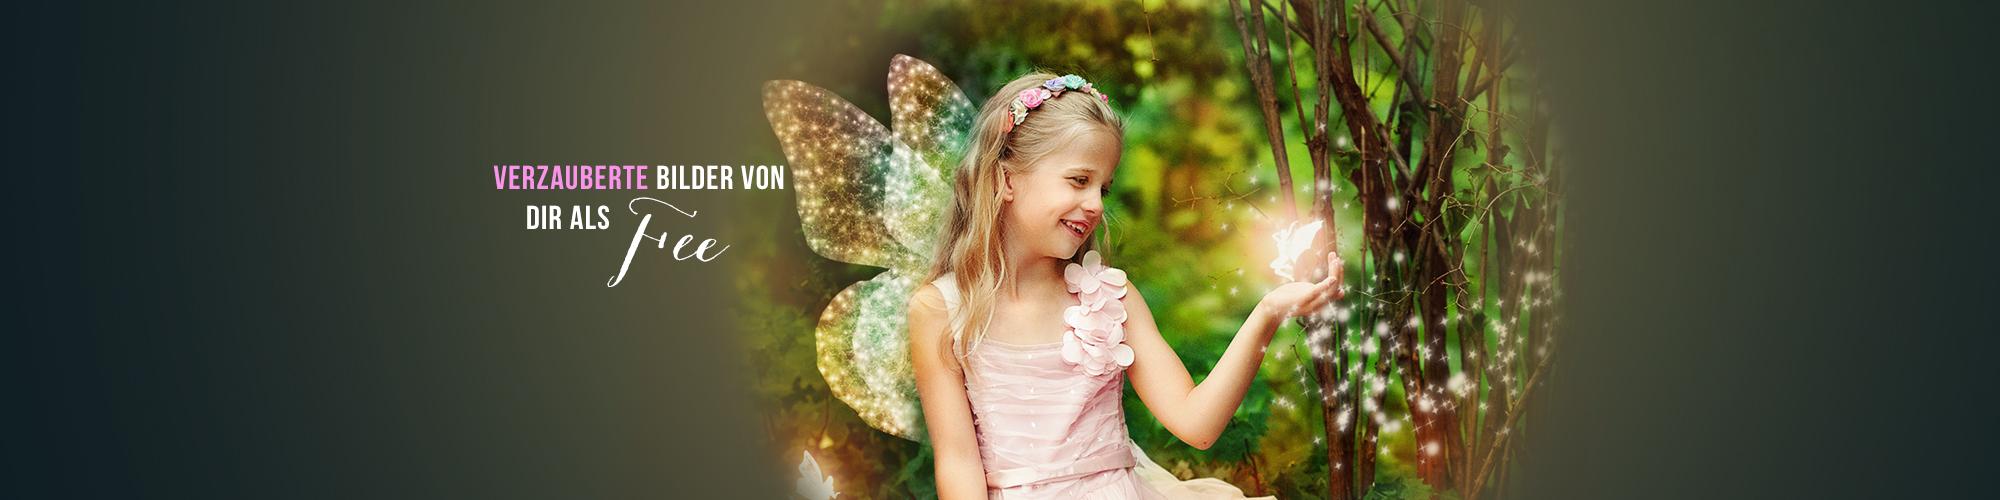 Fee für einen Tag - Fotoshooting für kleine Mädchen